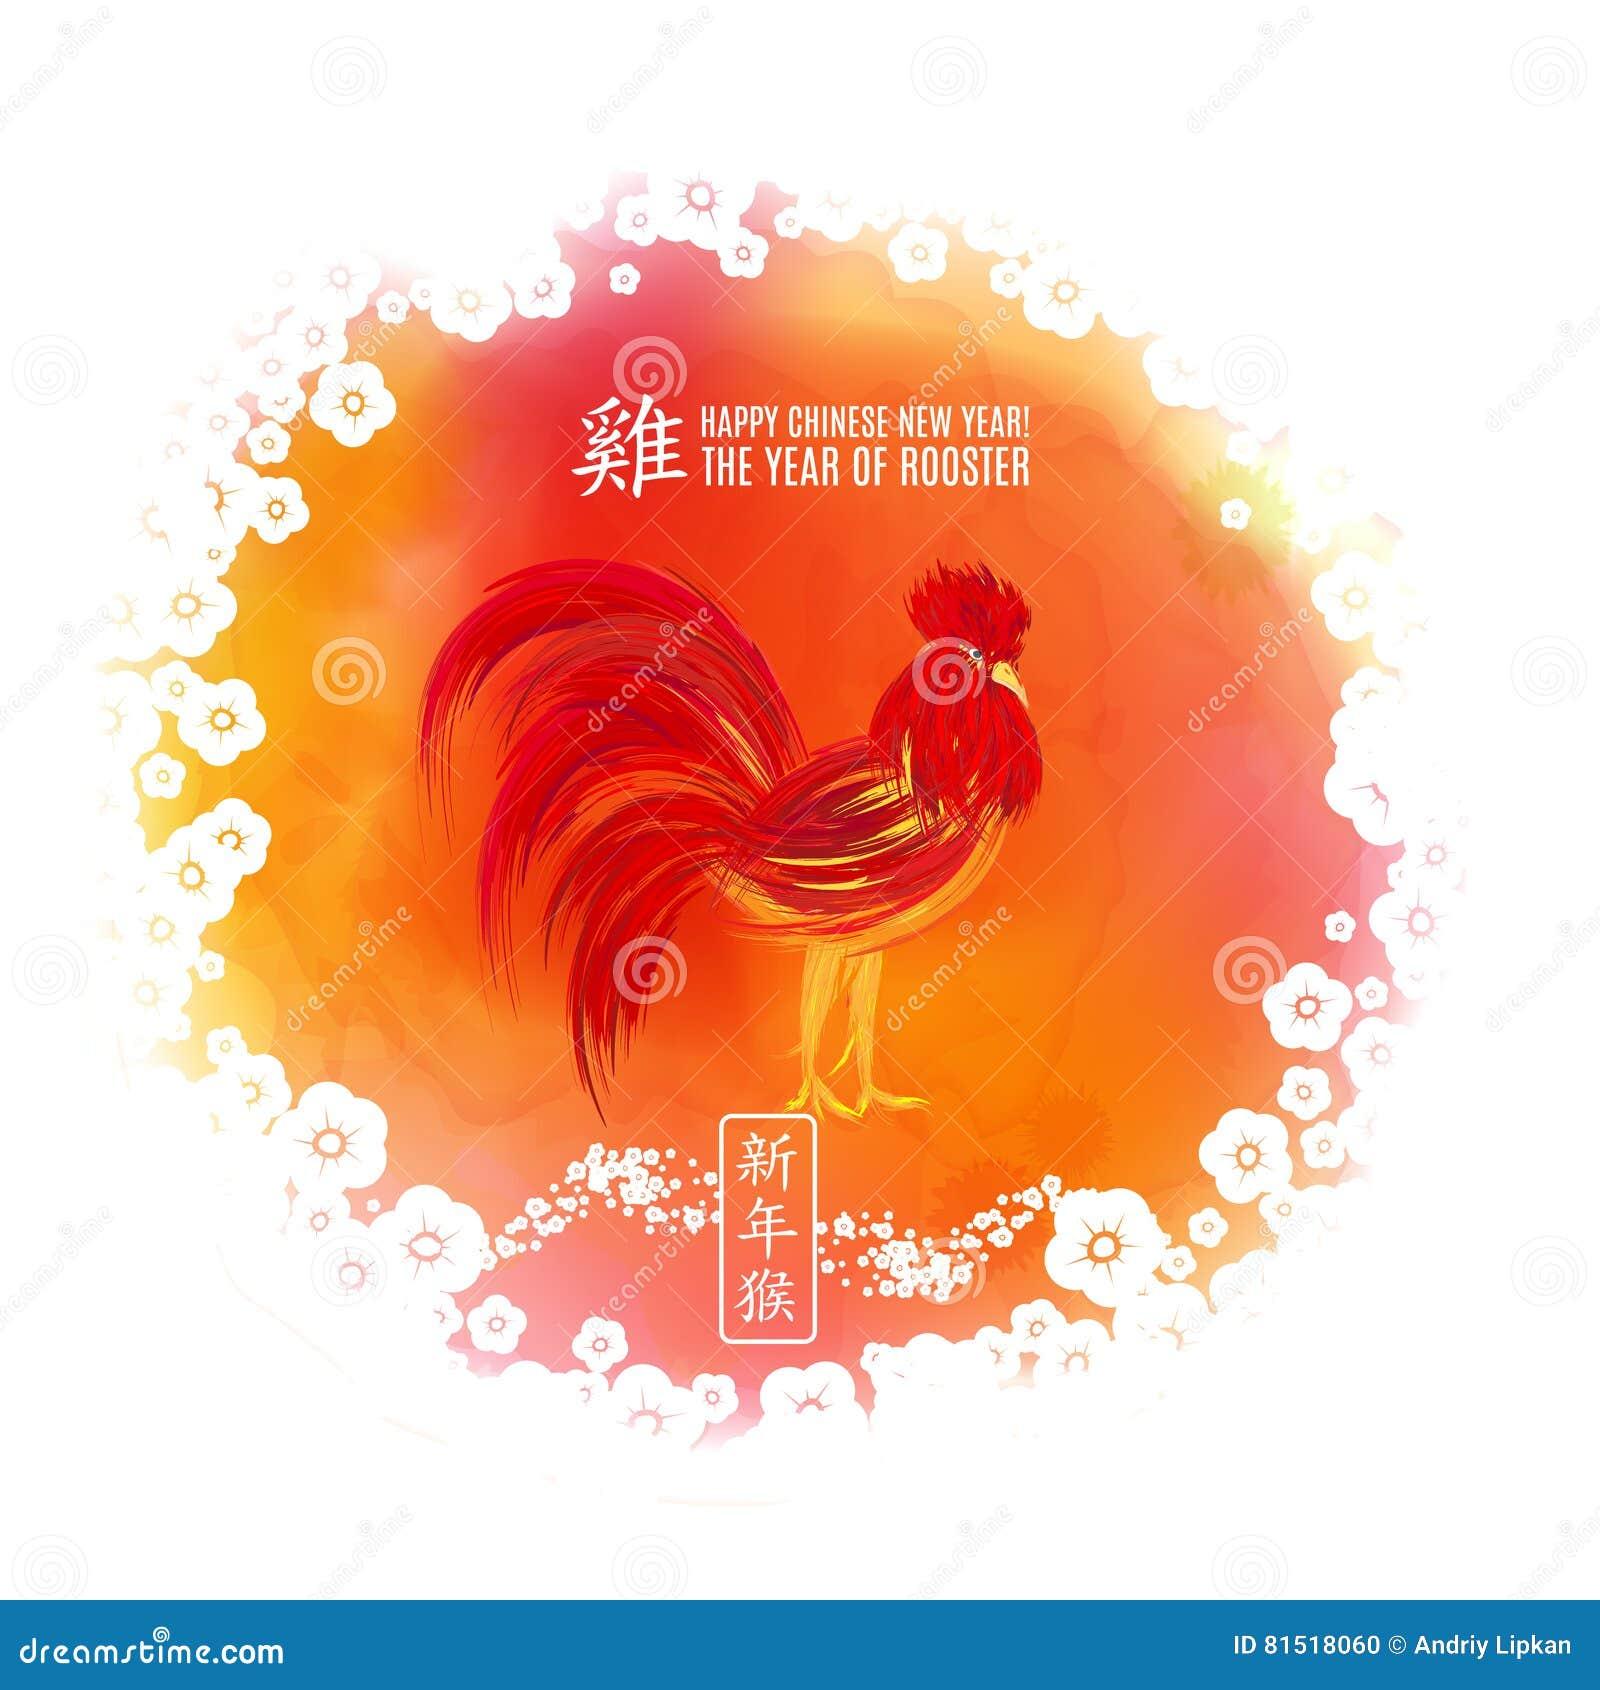 Vektor-Karte Design des Chinesischen Neujahrsfests festliches mit Hahn, Tierkreissymbol von 2017-jährigem